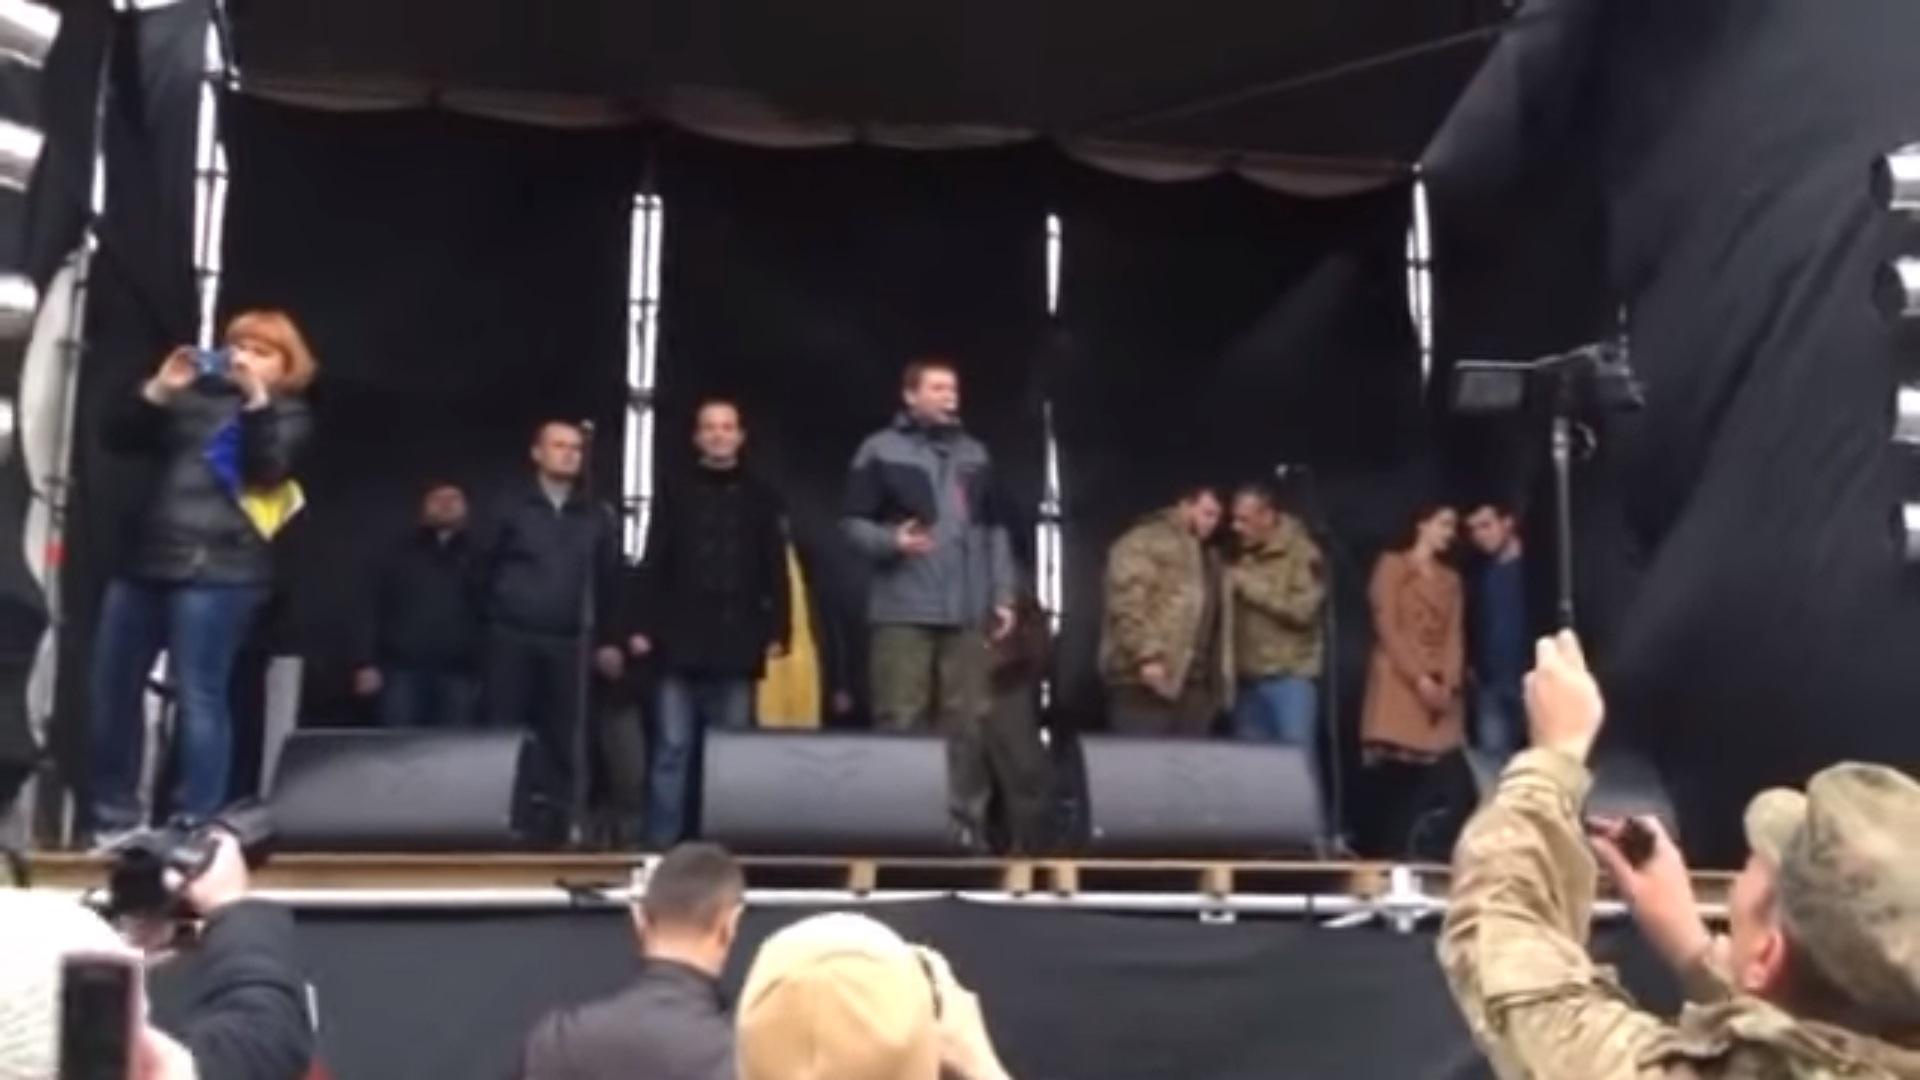 """Скандальный Парасюк горячо высказался на Майдане в Кривом Роге - """"Вилкула ГЕТЬ!"""" (ВИДЕО)"""